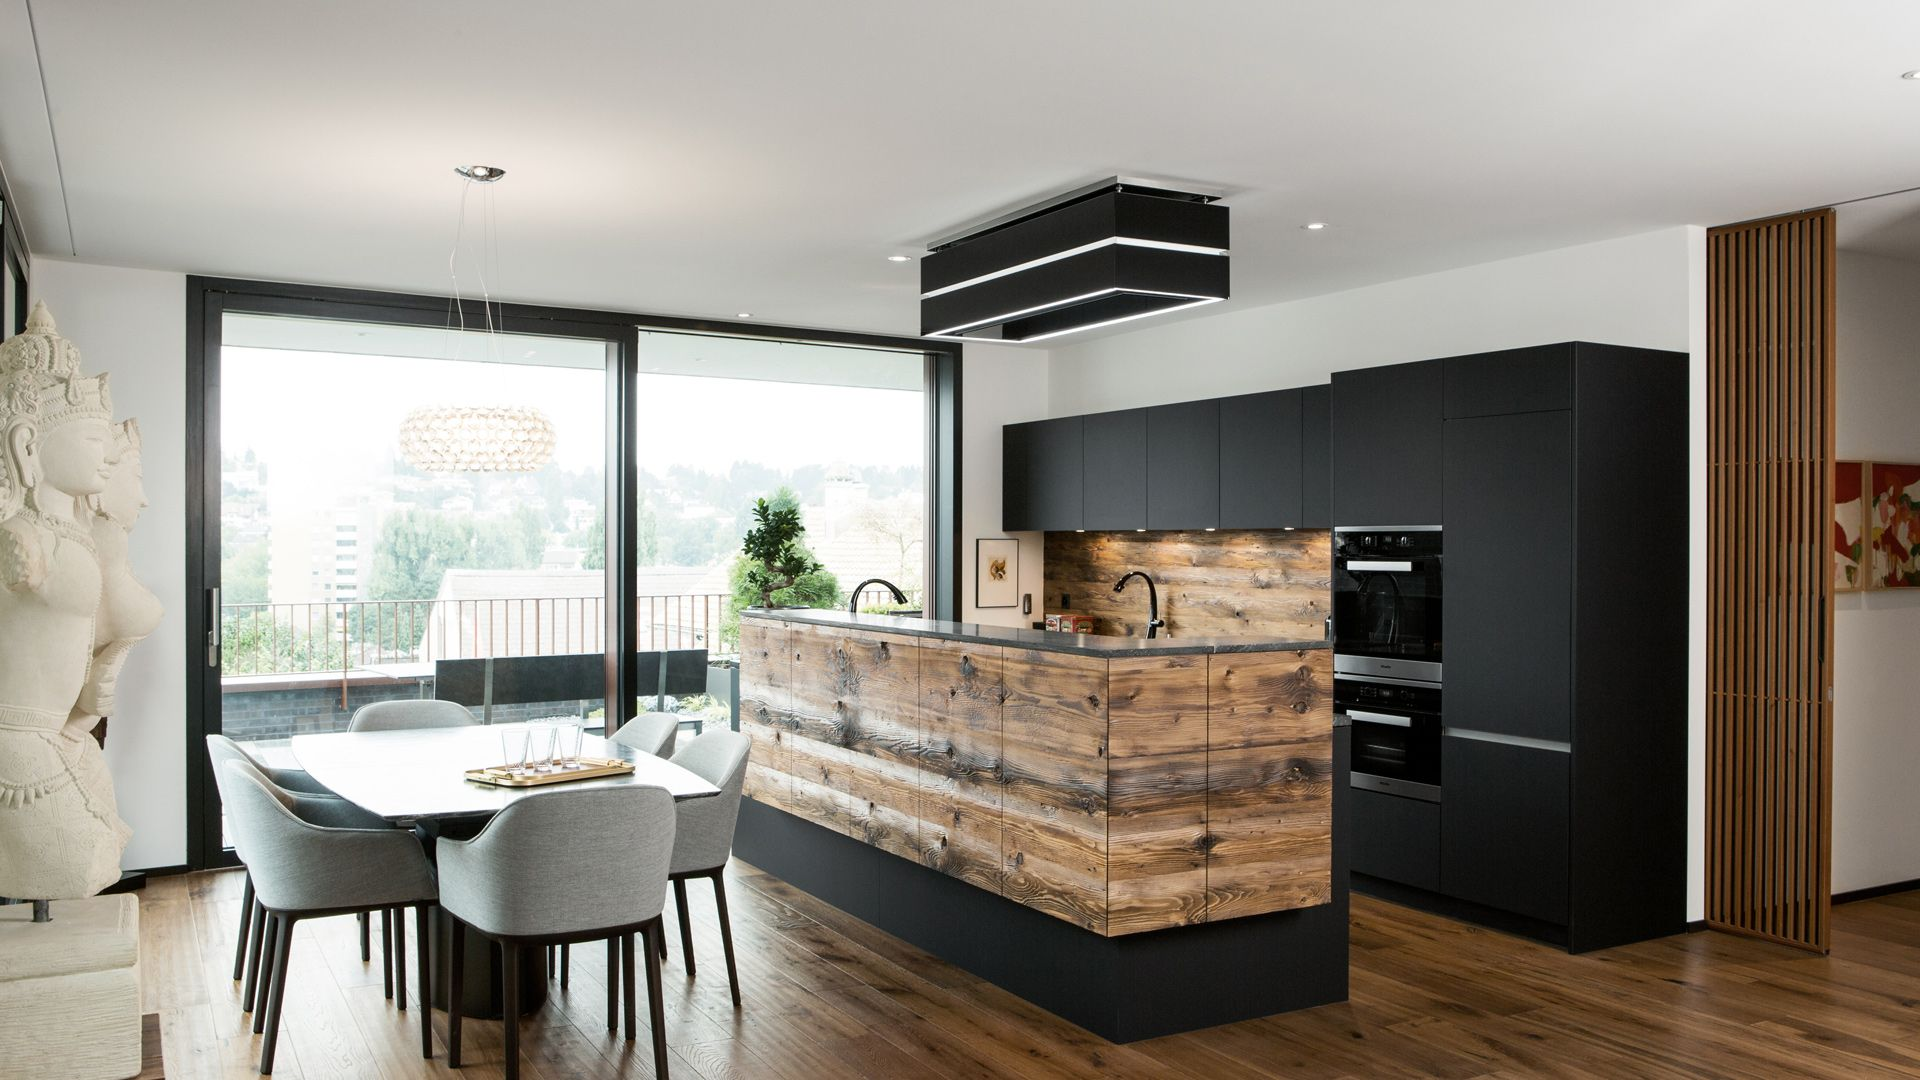 7 x 7 küchendesign küchendesign von elbau materialmix aus kunstharz und